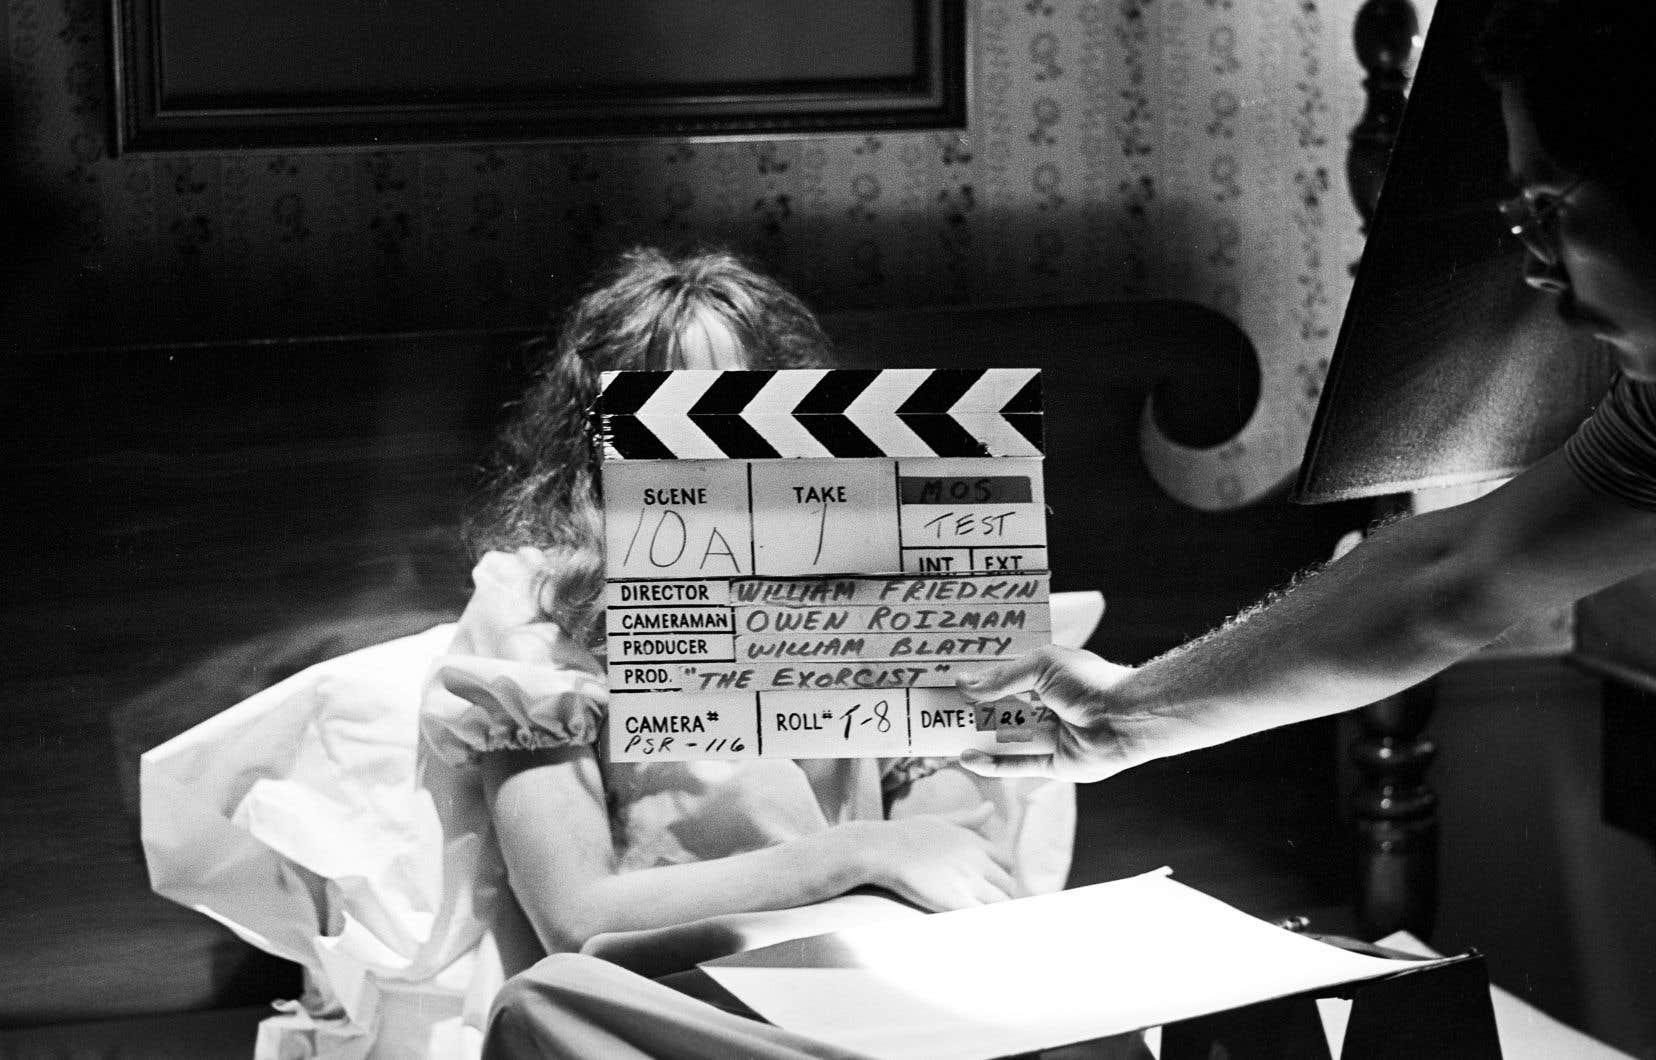 Tandis que Friedkin raconte comment a été créé son célèbre film d'horreur, le documentaire enchaîne les extraits.